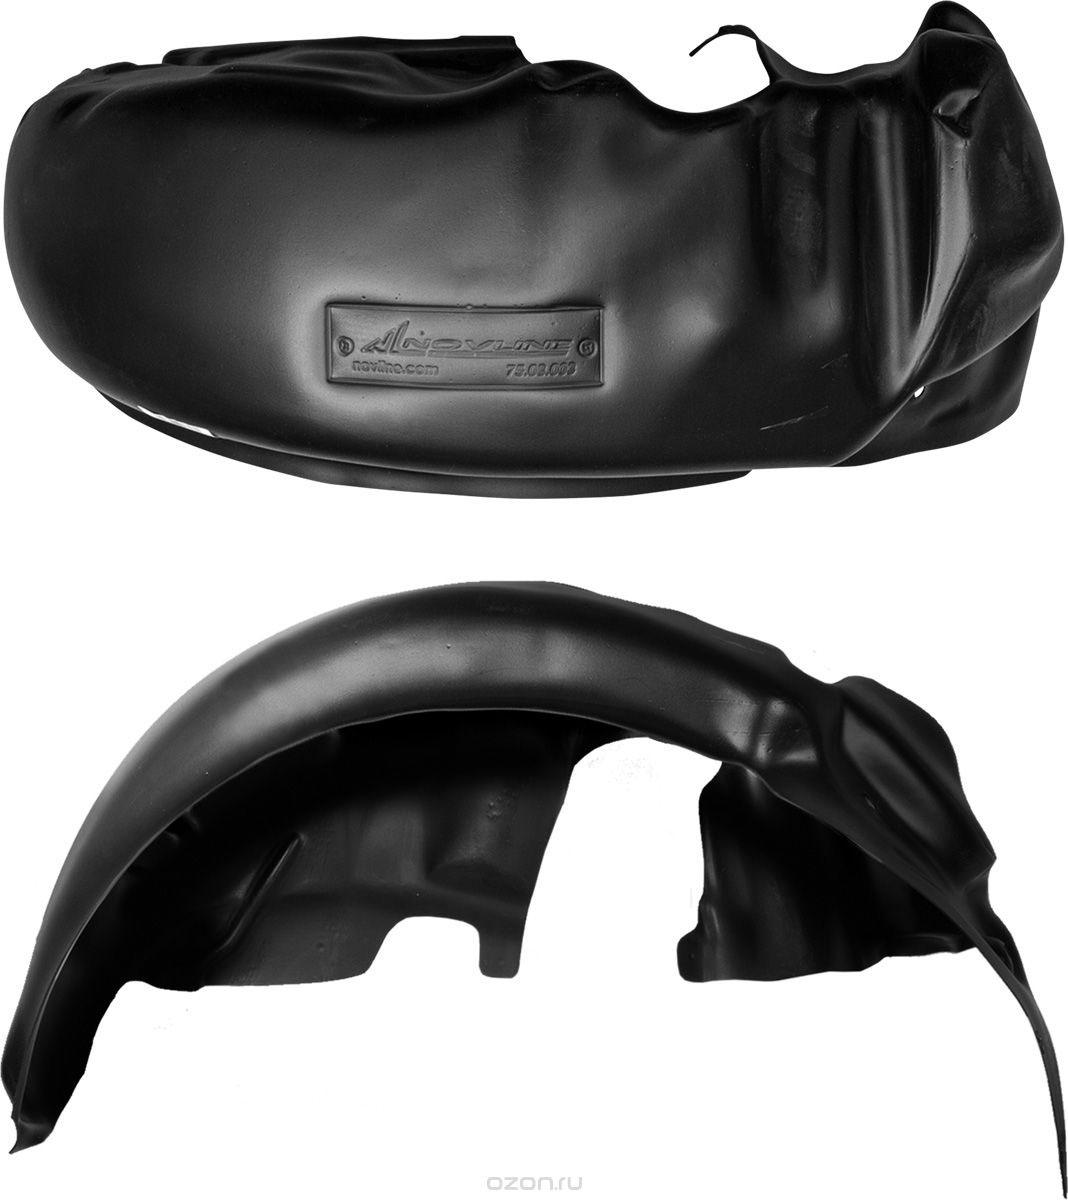 Подкрылок Novline-Autofamily, для Chevrolet Lacetti, 2004-2013, хэтчбек, седан, задний левый004503Идеальная защита колесной ниши. Локеры разработаны с применением цифровых технологий, гарантируют максимальную повторяемость поверхности арки. Изделия устанавливаются без нарушения лакокрасочного покрытия автомобиля, каждый подкрылок комплектуется крепежом. Уважаемые клиенты, обращаем ваше внимание, что фотографии на подкрылки универсальные и не отражают реальную форму изделия. При этом само изделие идет точно под размер указанного автомобиля.